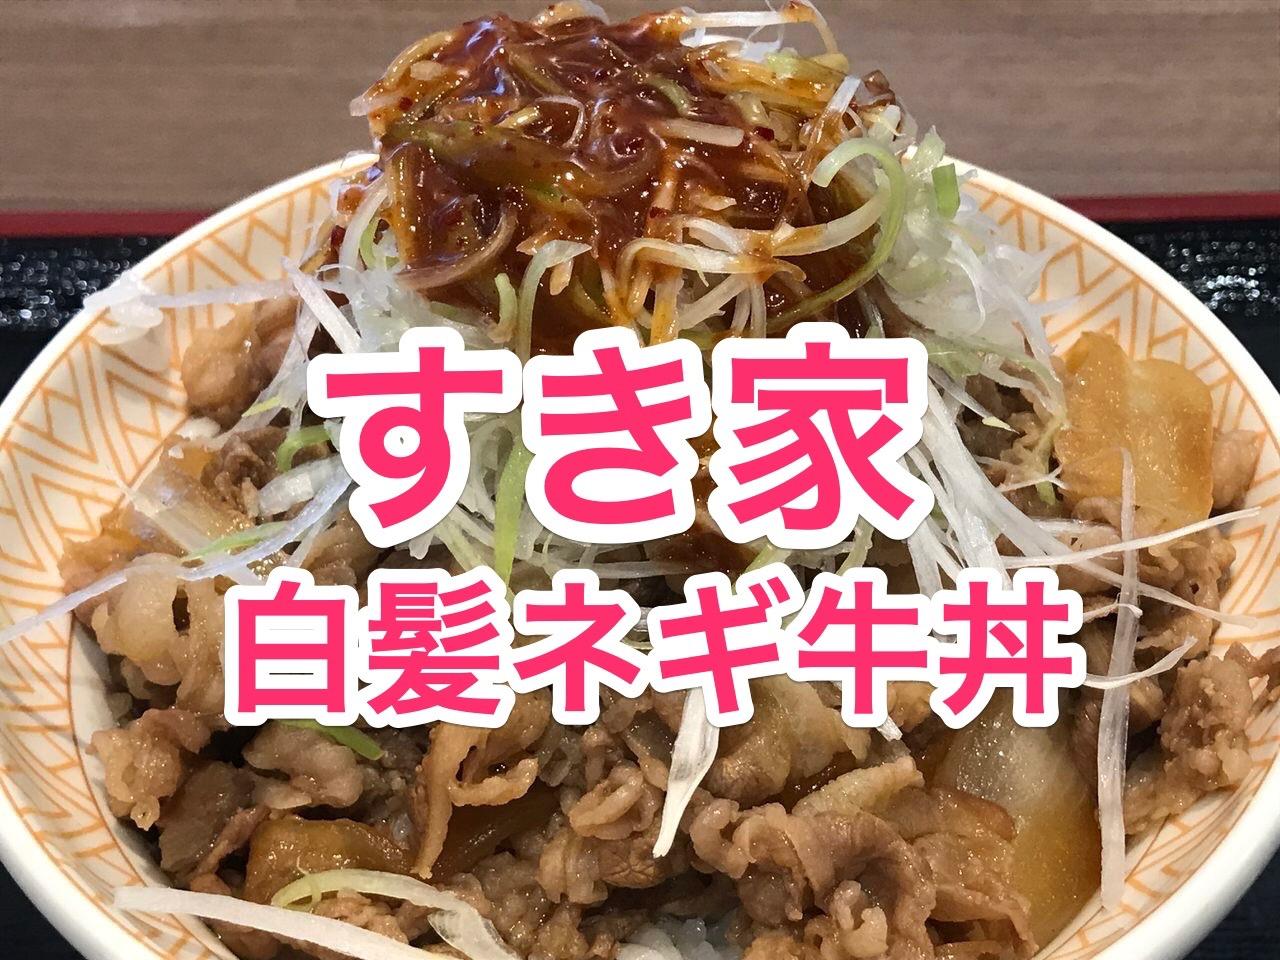 【すき家】「シャキシャキ!白髪ねぎ牛丼 旨辛ダレ」を食す